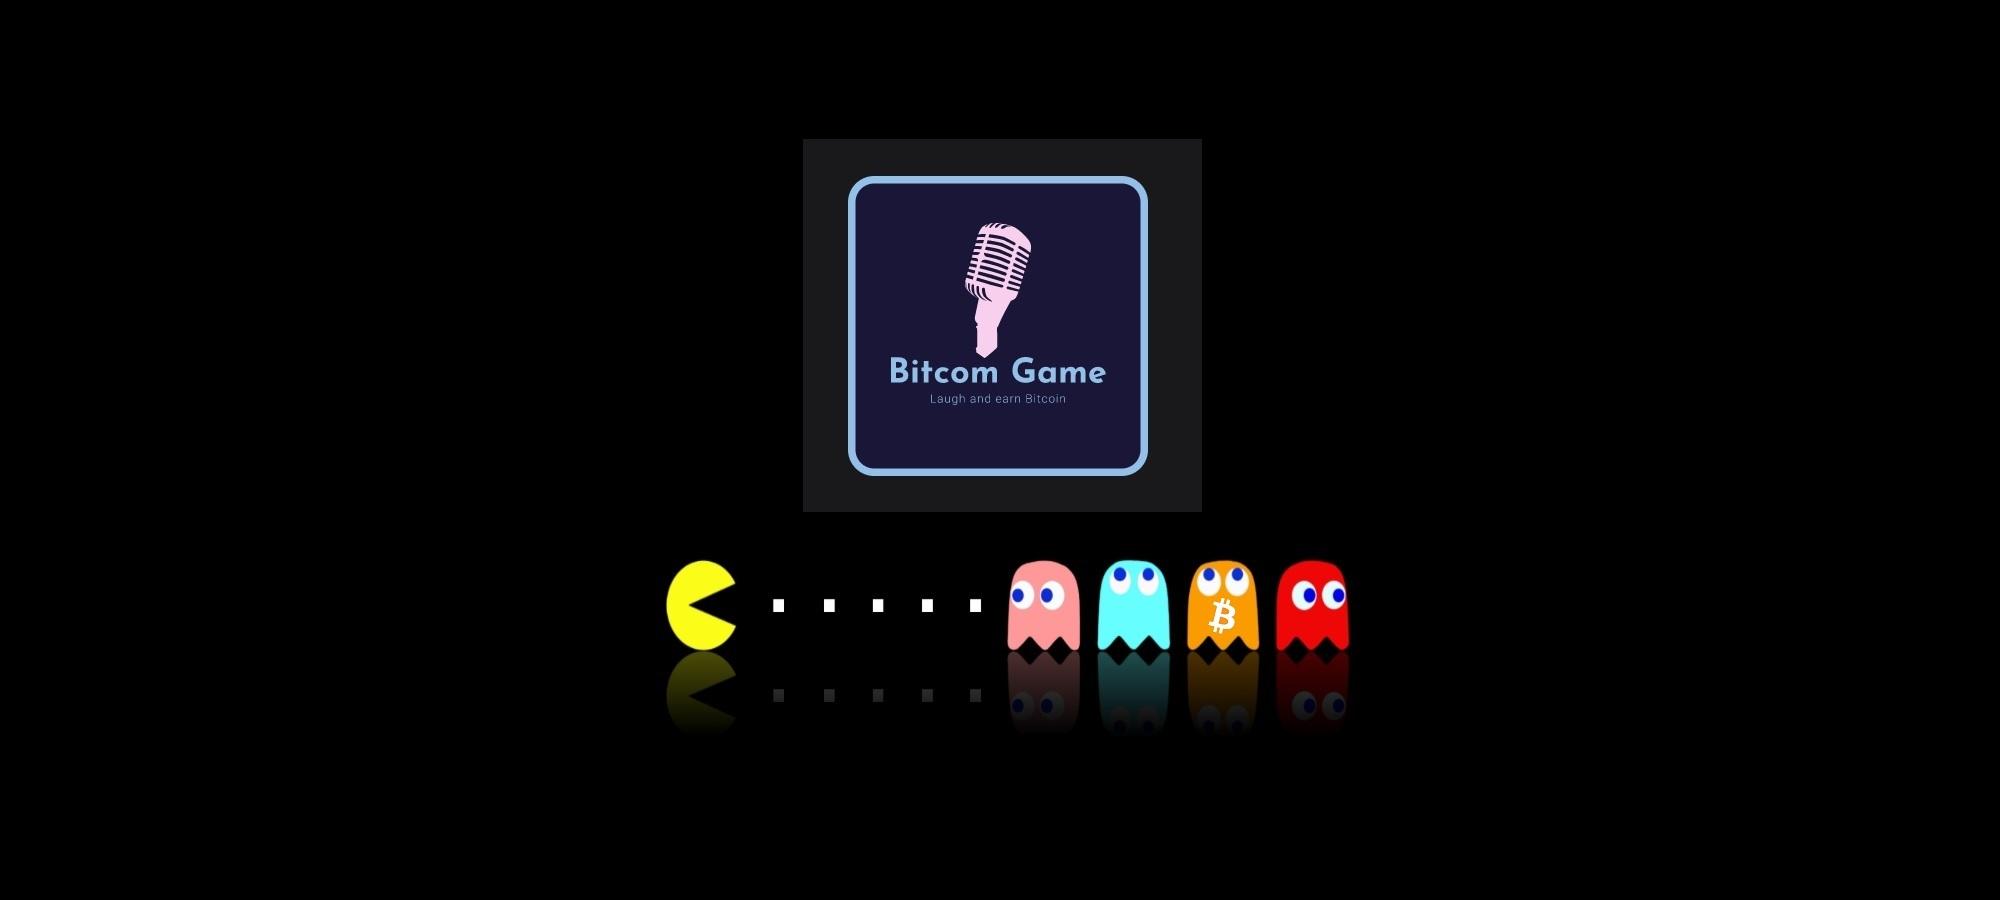 Play the Bitcom Game and earn Bitcoin!